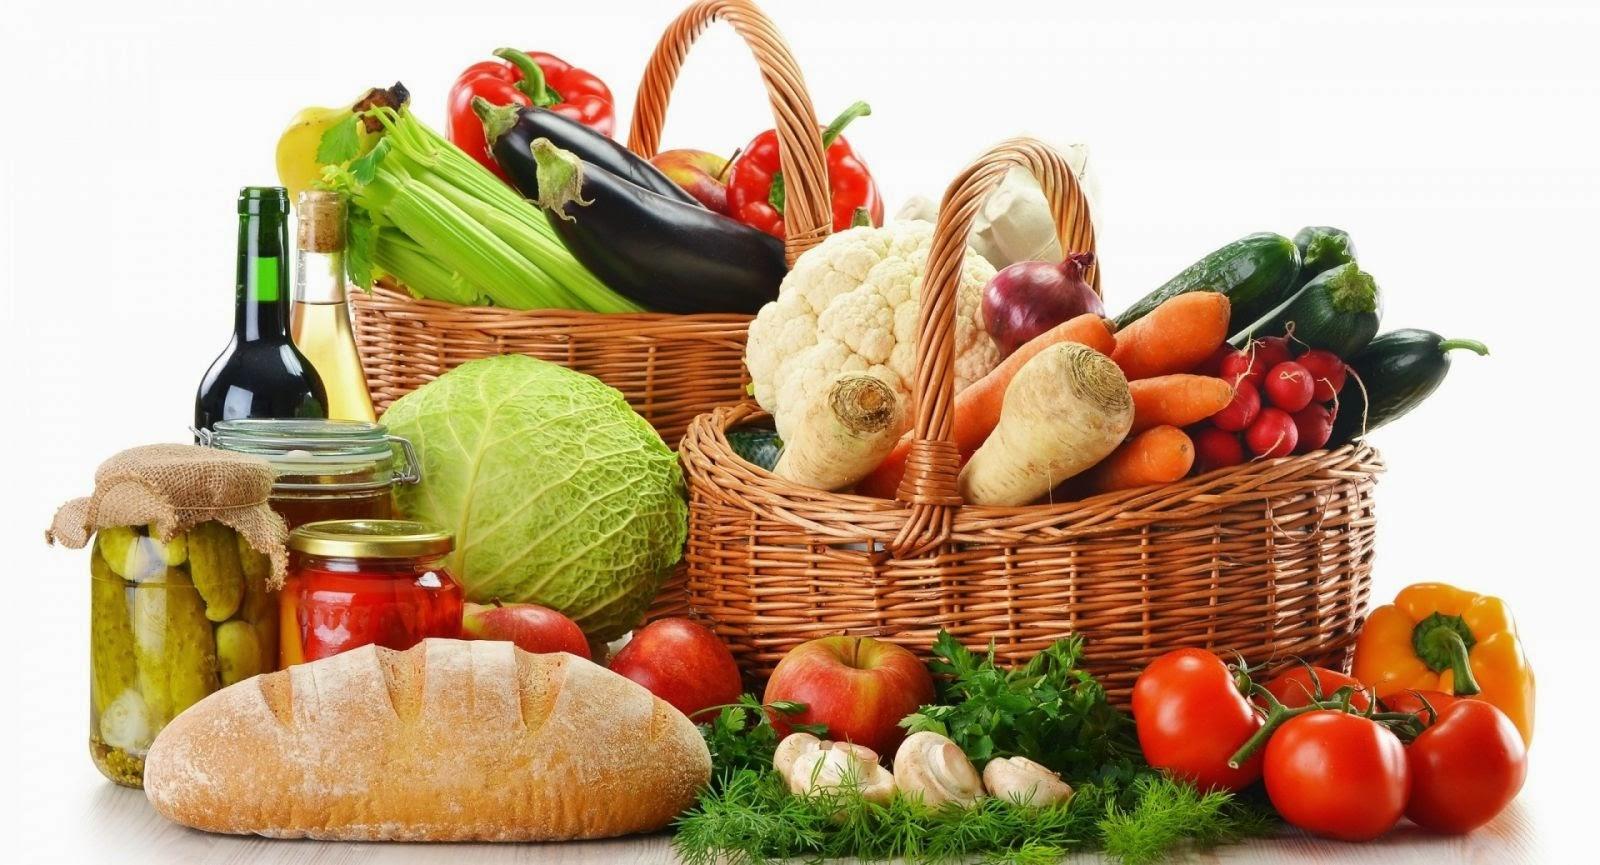 Chế độ dinh dưỡng hợp lý và cân bằng giúp phòng ngừa bệnh suy thận hữu hiệu